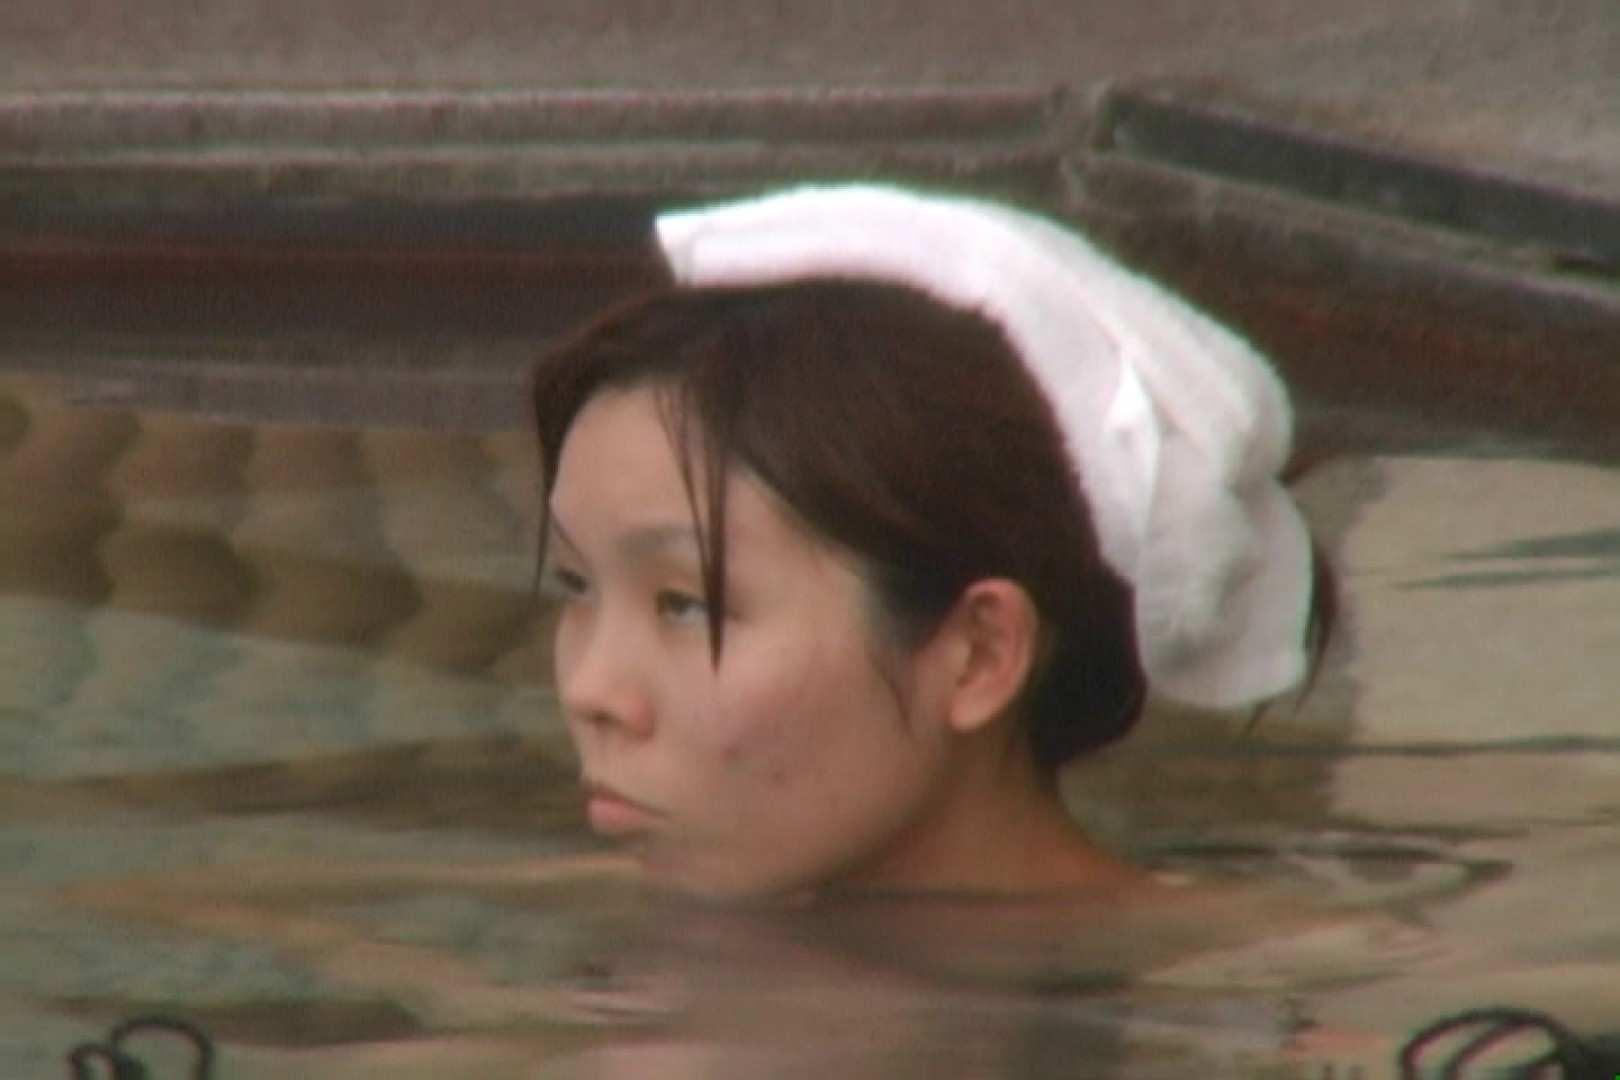 Aquaな露天風呂Vol.580 0  103pic 68